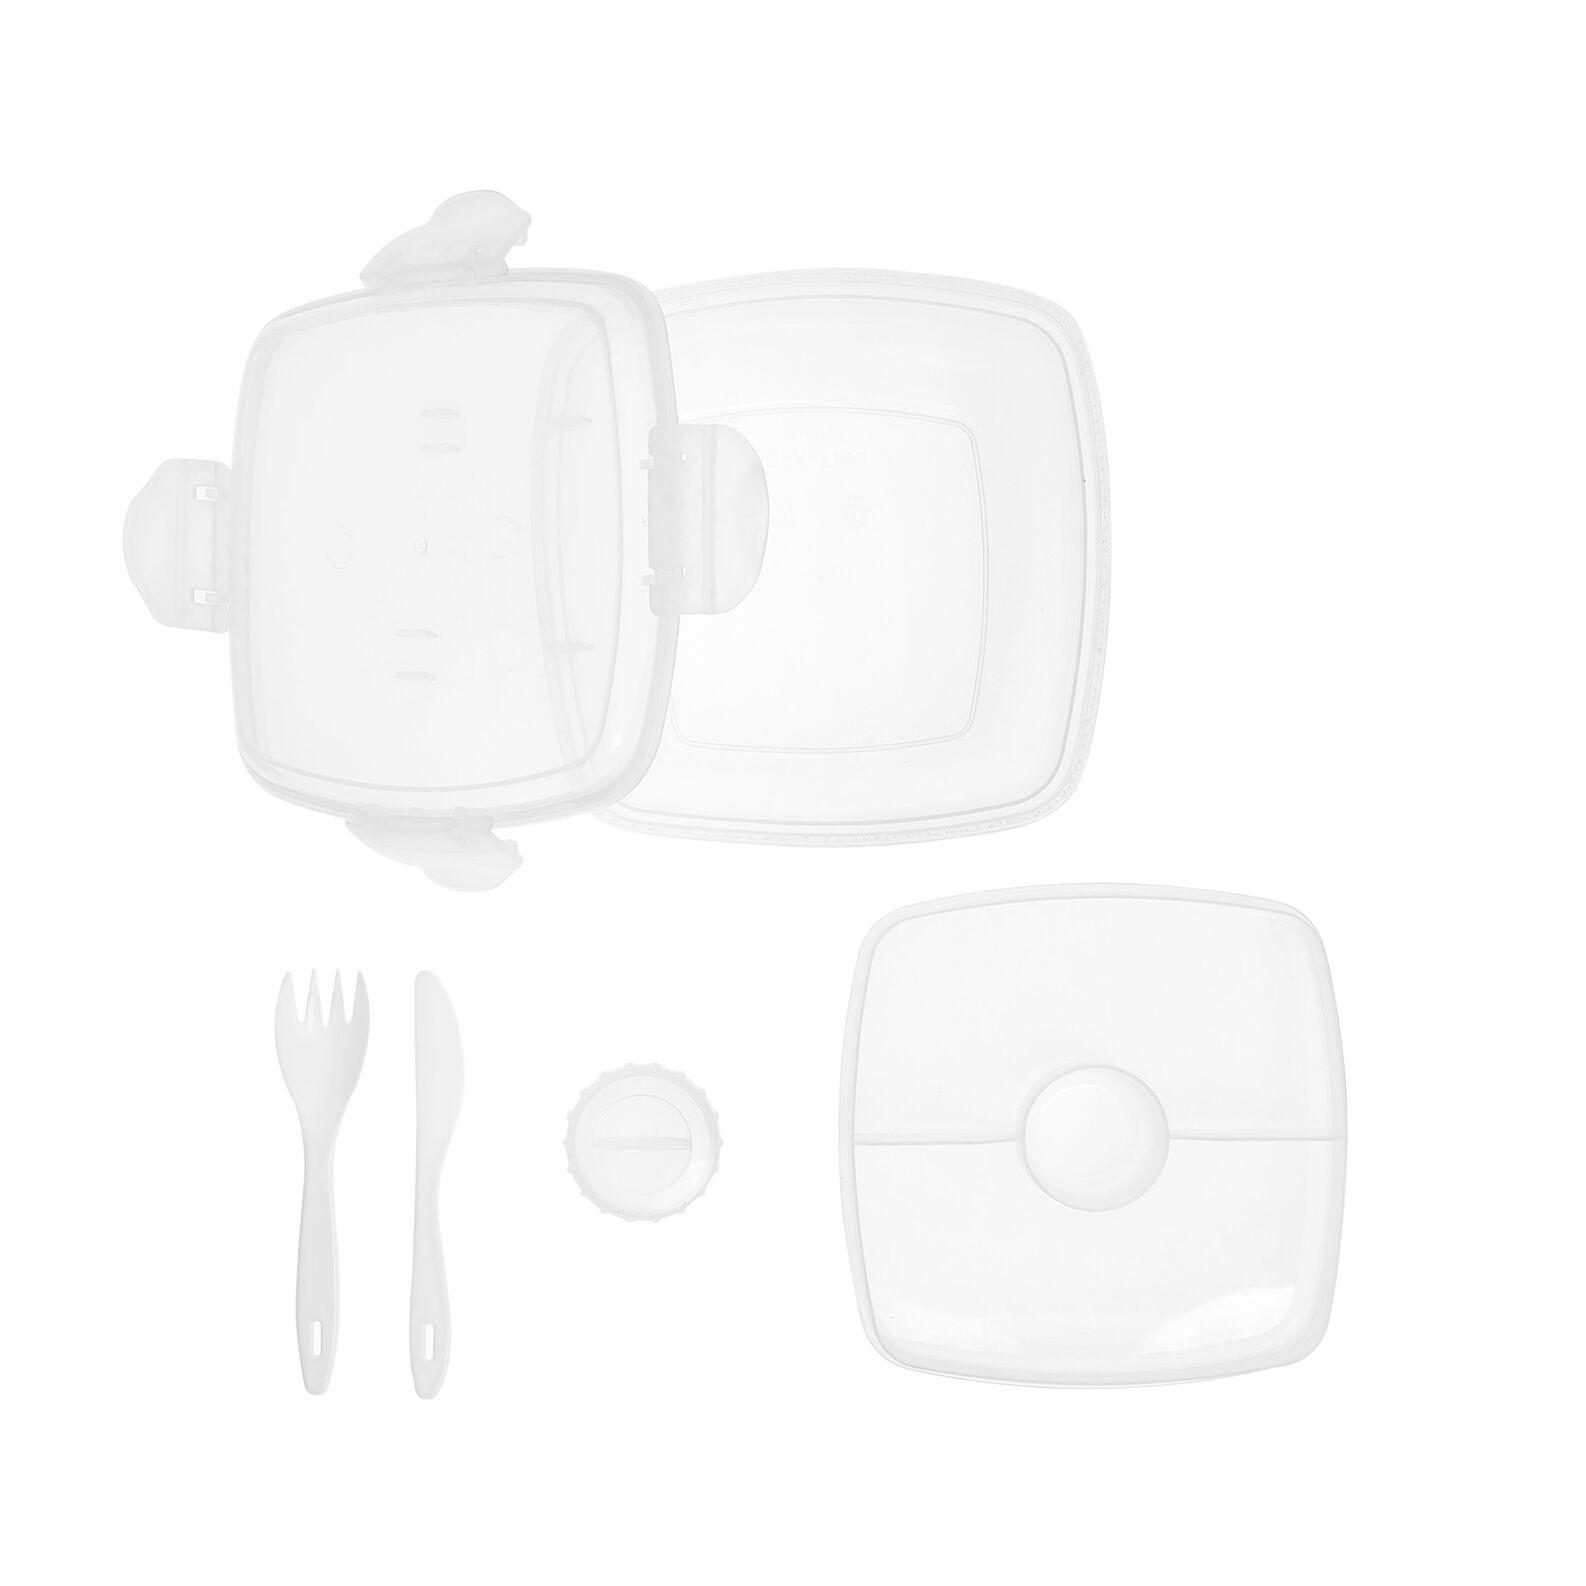 Lunch box plastica